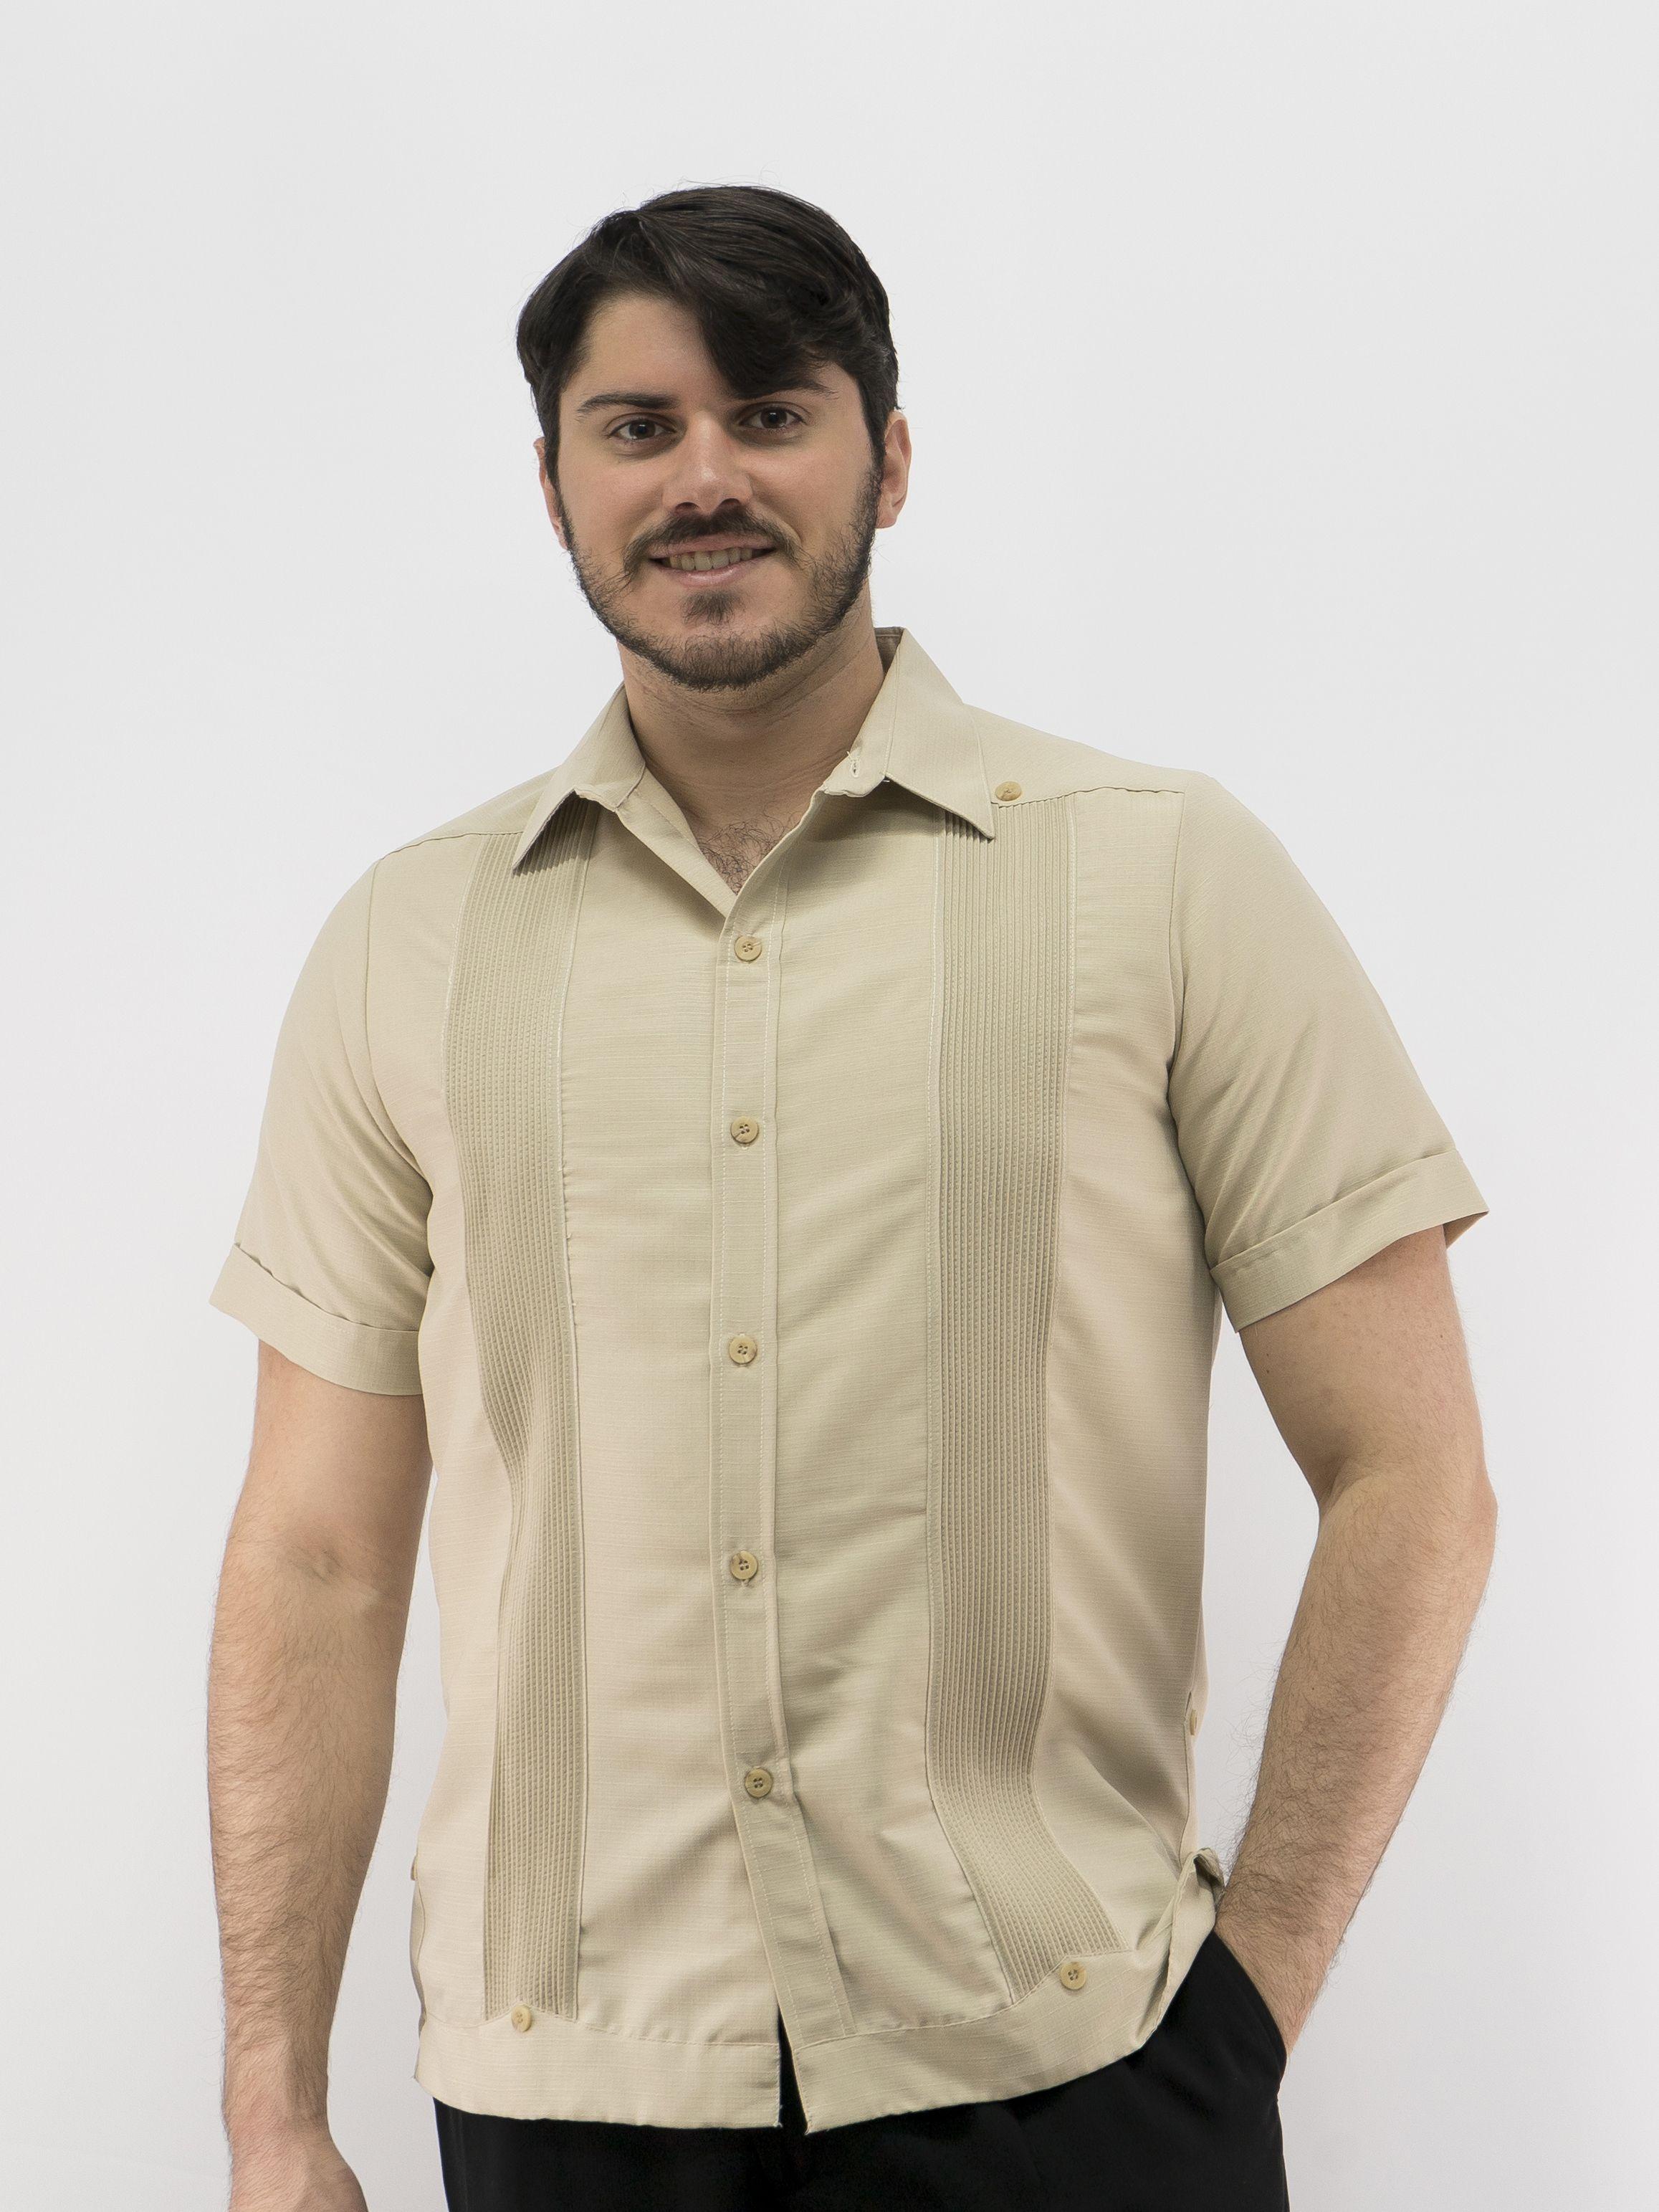 92724aa3e4 Men s Shirt Guayabera Shirt Tan D Accord 2522 Men s Shirt Guayabera ...